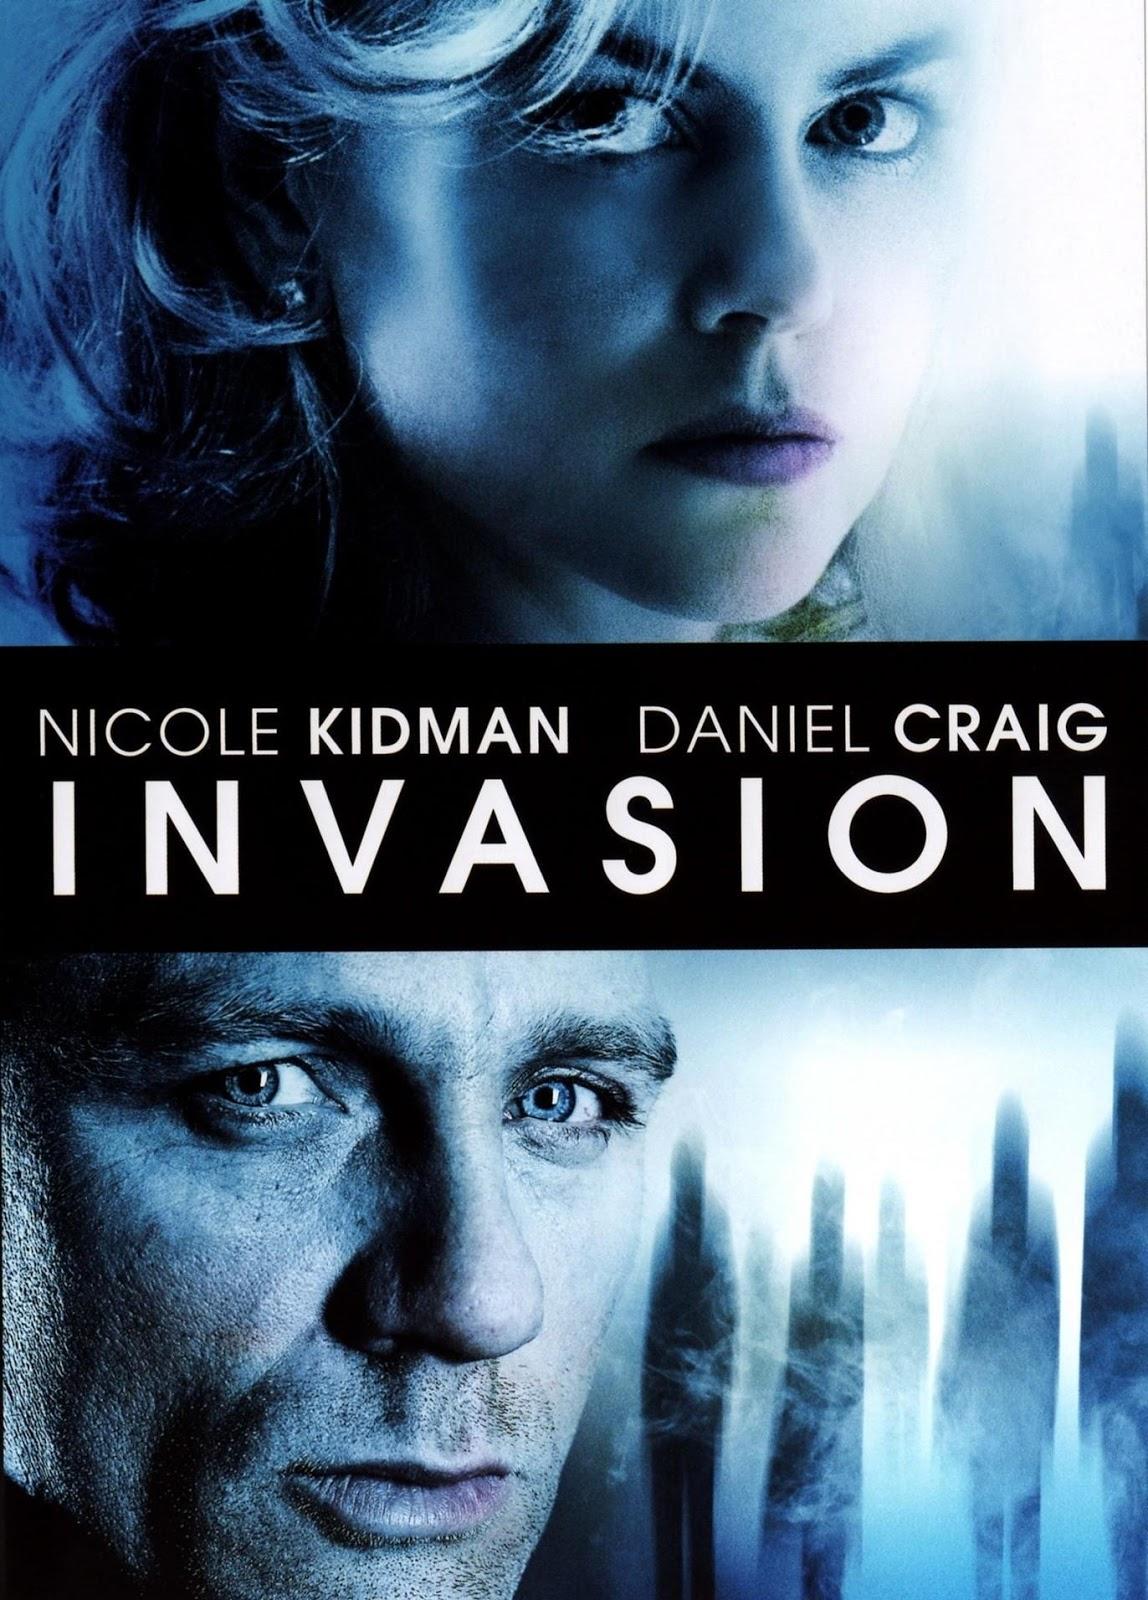 invasion film